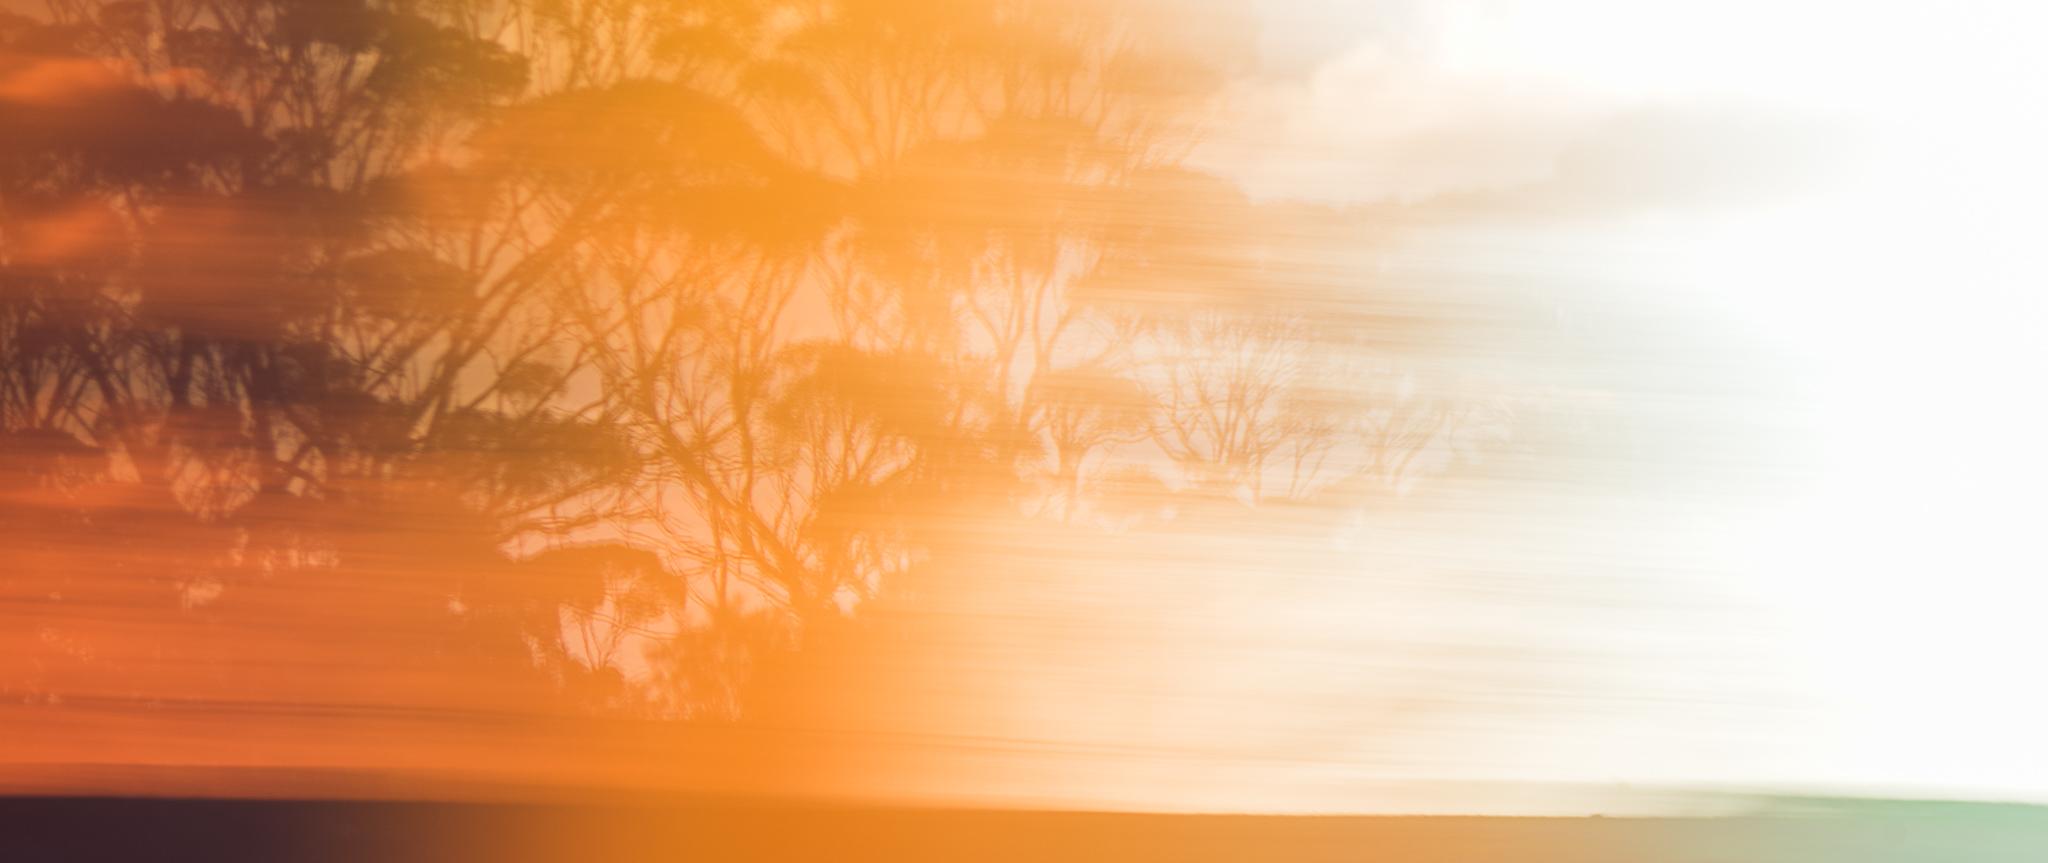 Landscape - Daniel Purvis - DSC_8805.jpg